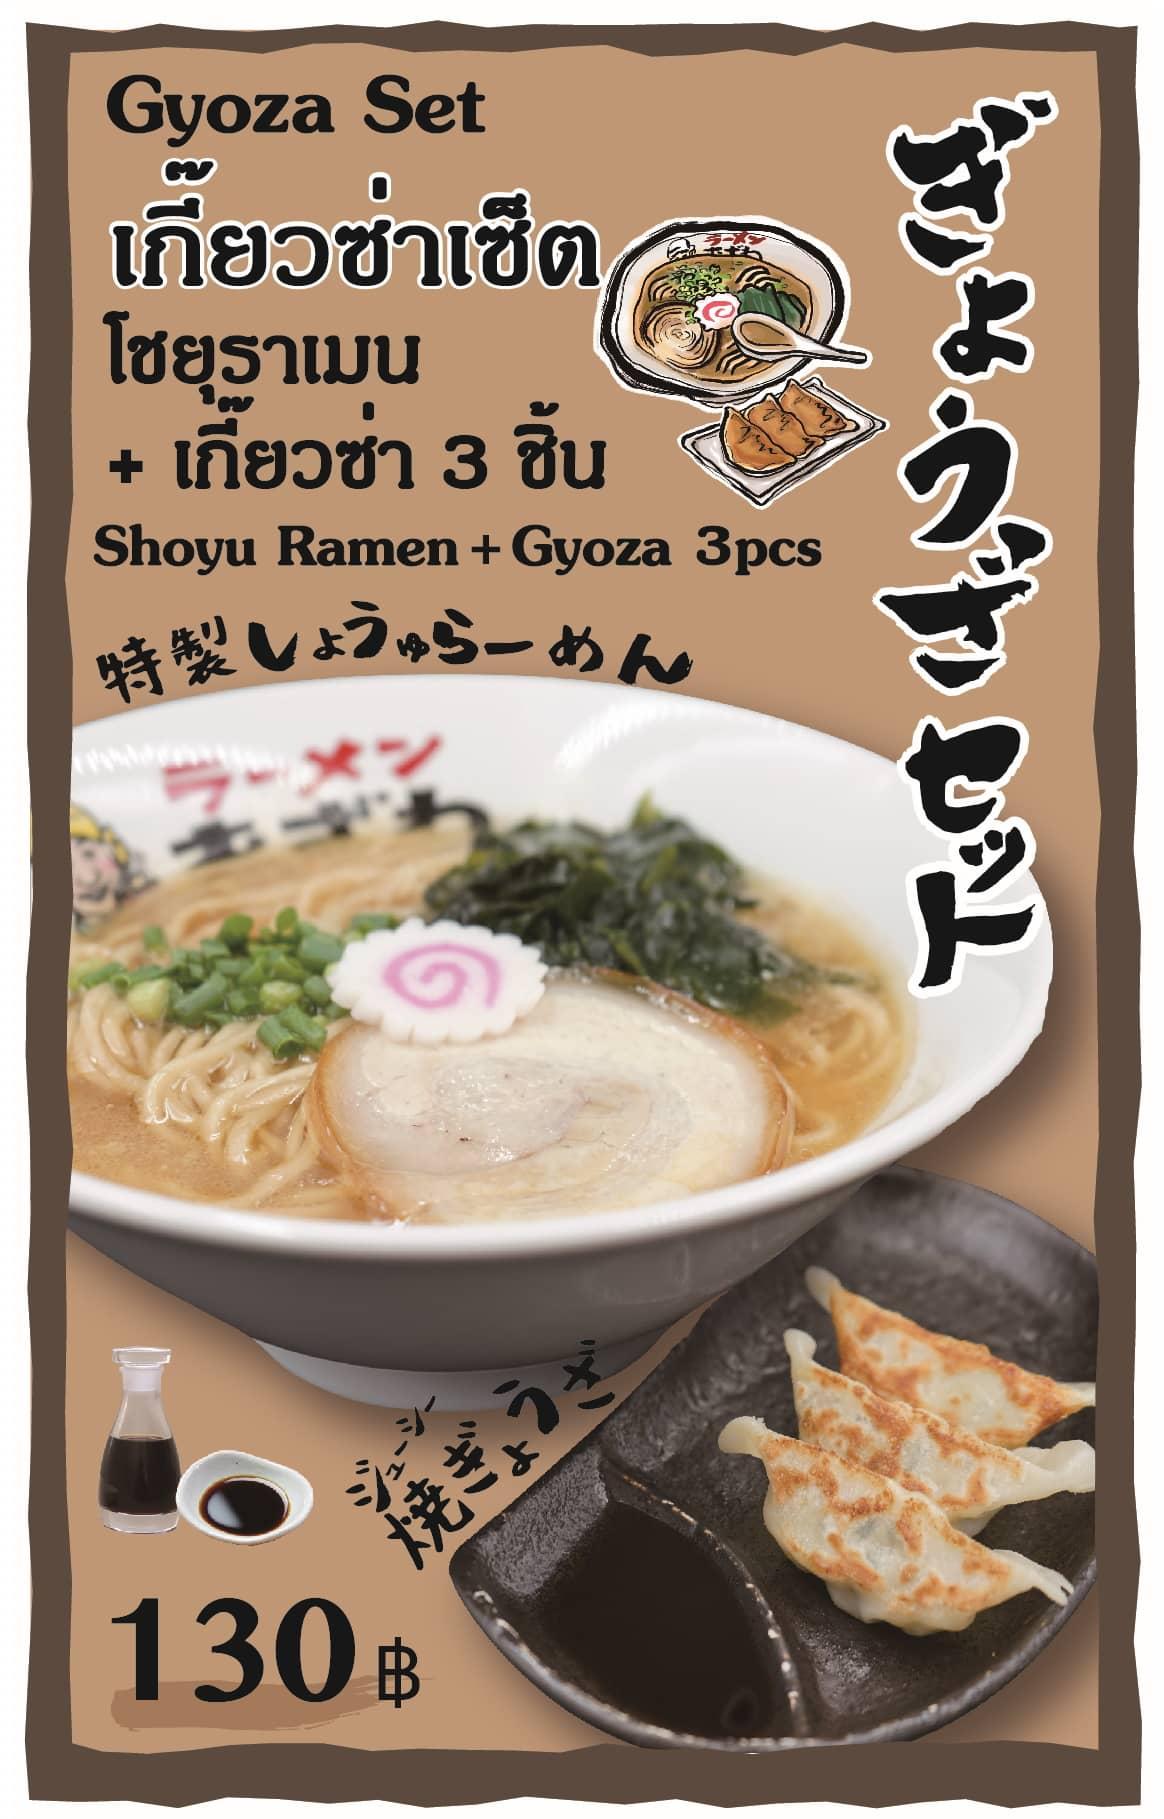 Gyoza Set เกี๊ยวซ่าเซ็ต - โชยุราเมน + เกี๊ยวซ่า 3 ชิ้น Shoyu Ramn + Gyoza 3 pcs